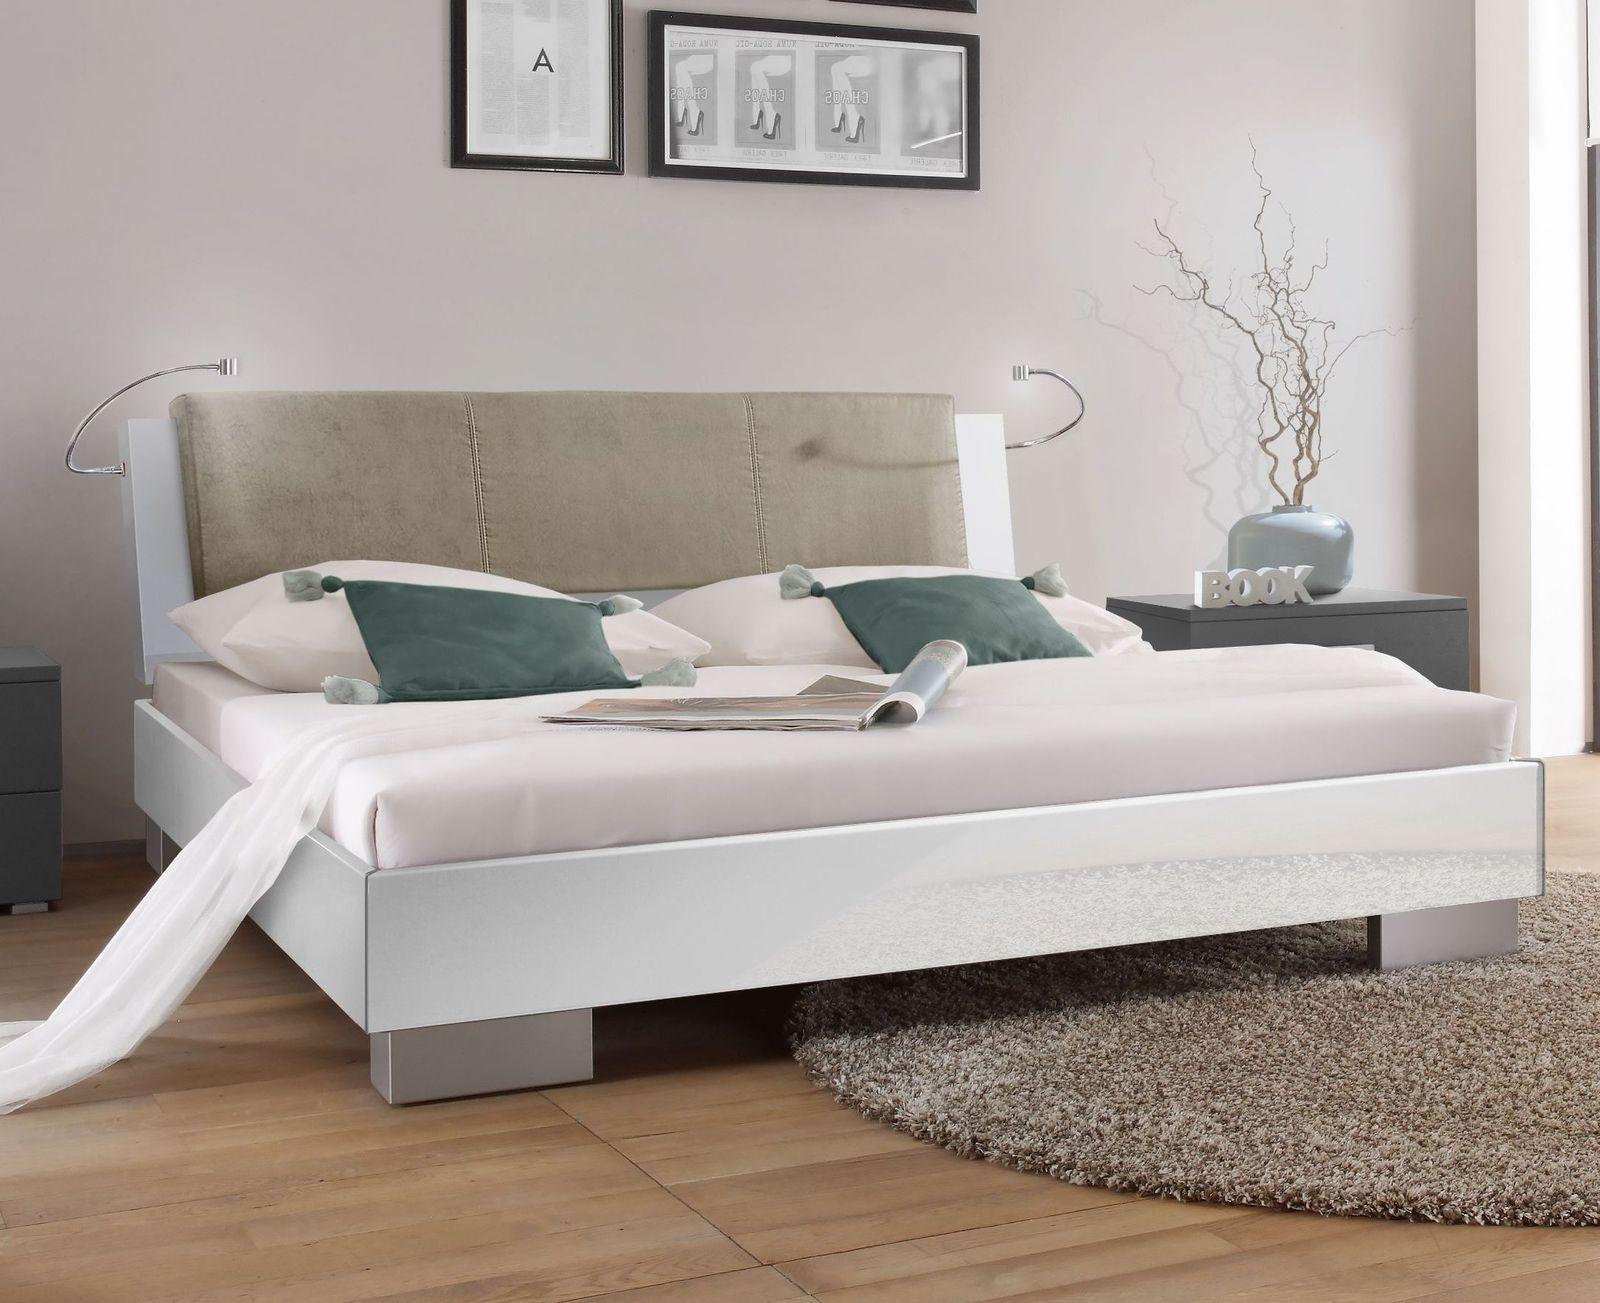 Full Size of Bett In Hochglanz Wei Piceno Bettende 160 Prinzessin Romantisches Weiß 120x200 180x200 Günstig Altes Erhöhtes Bette Starlet Betten 160x200 Bett Weißes Bett